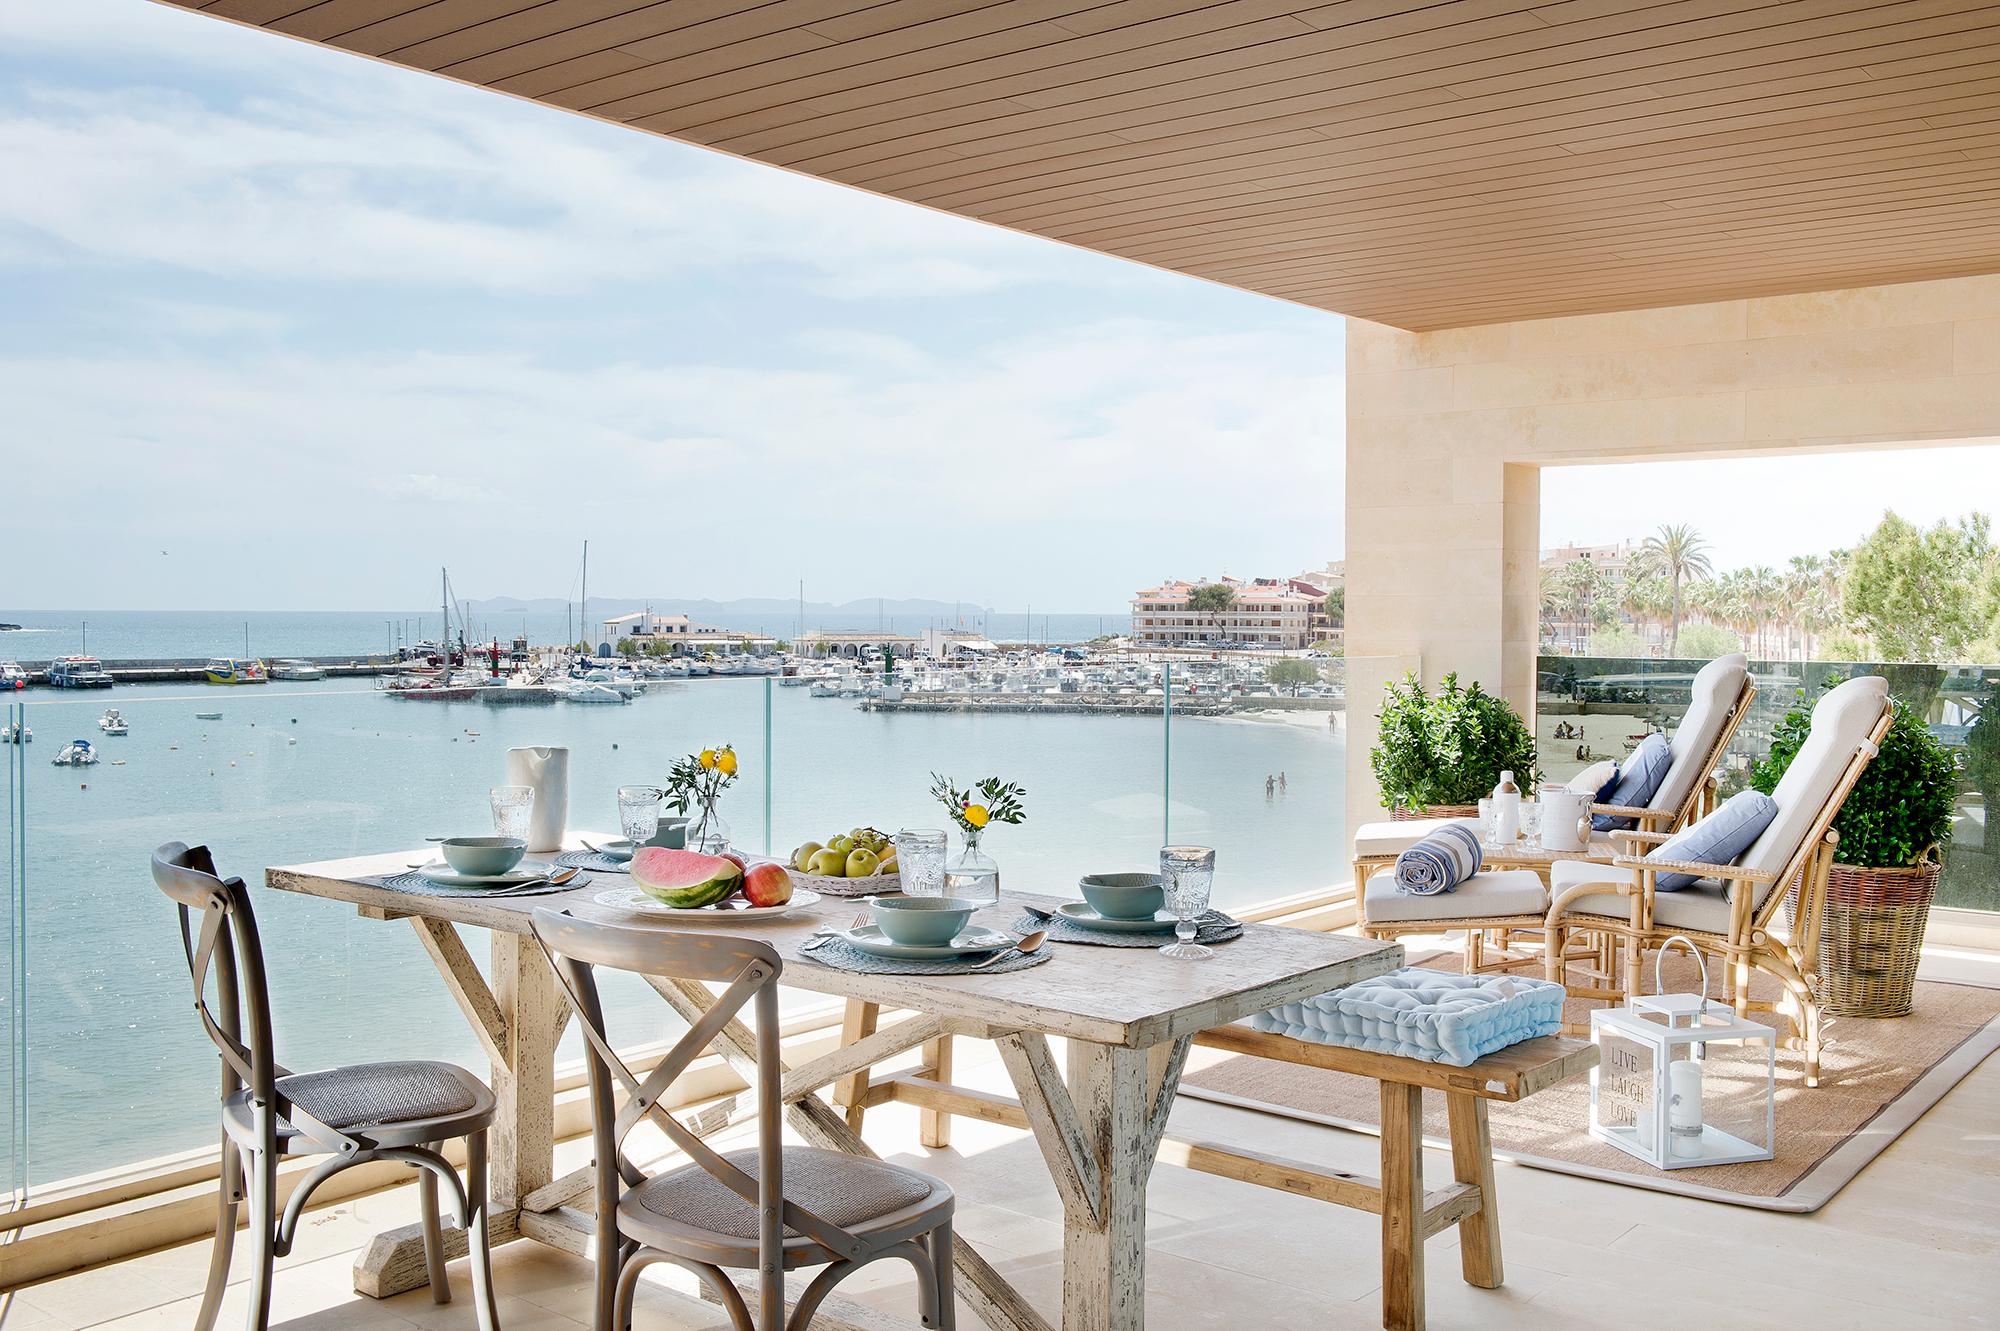 Comedores de exterior los 50 mejores de el mueble - Comedor de exterior ...